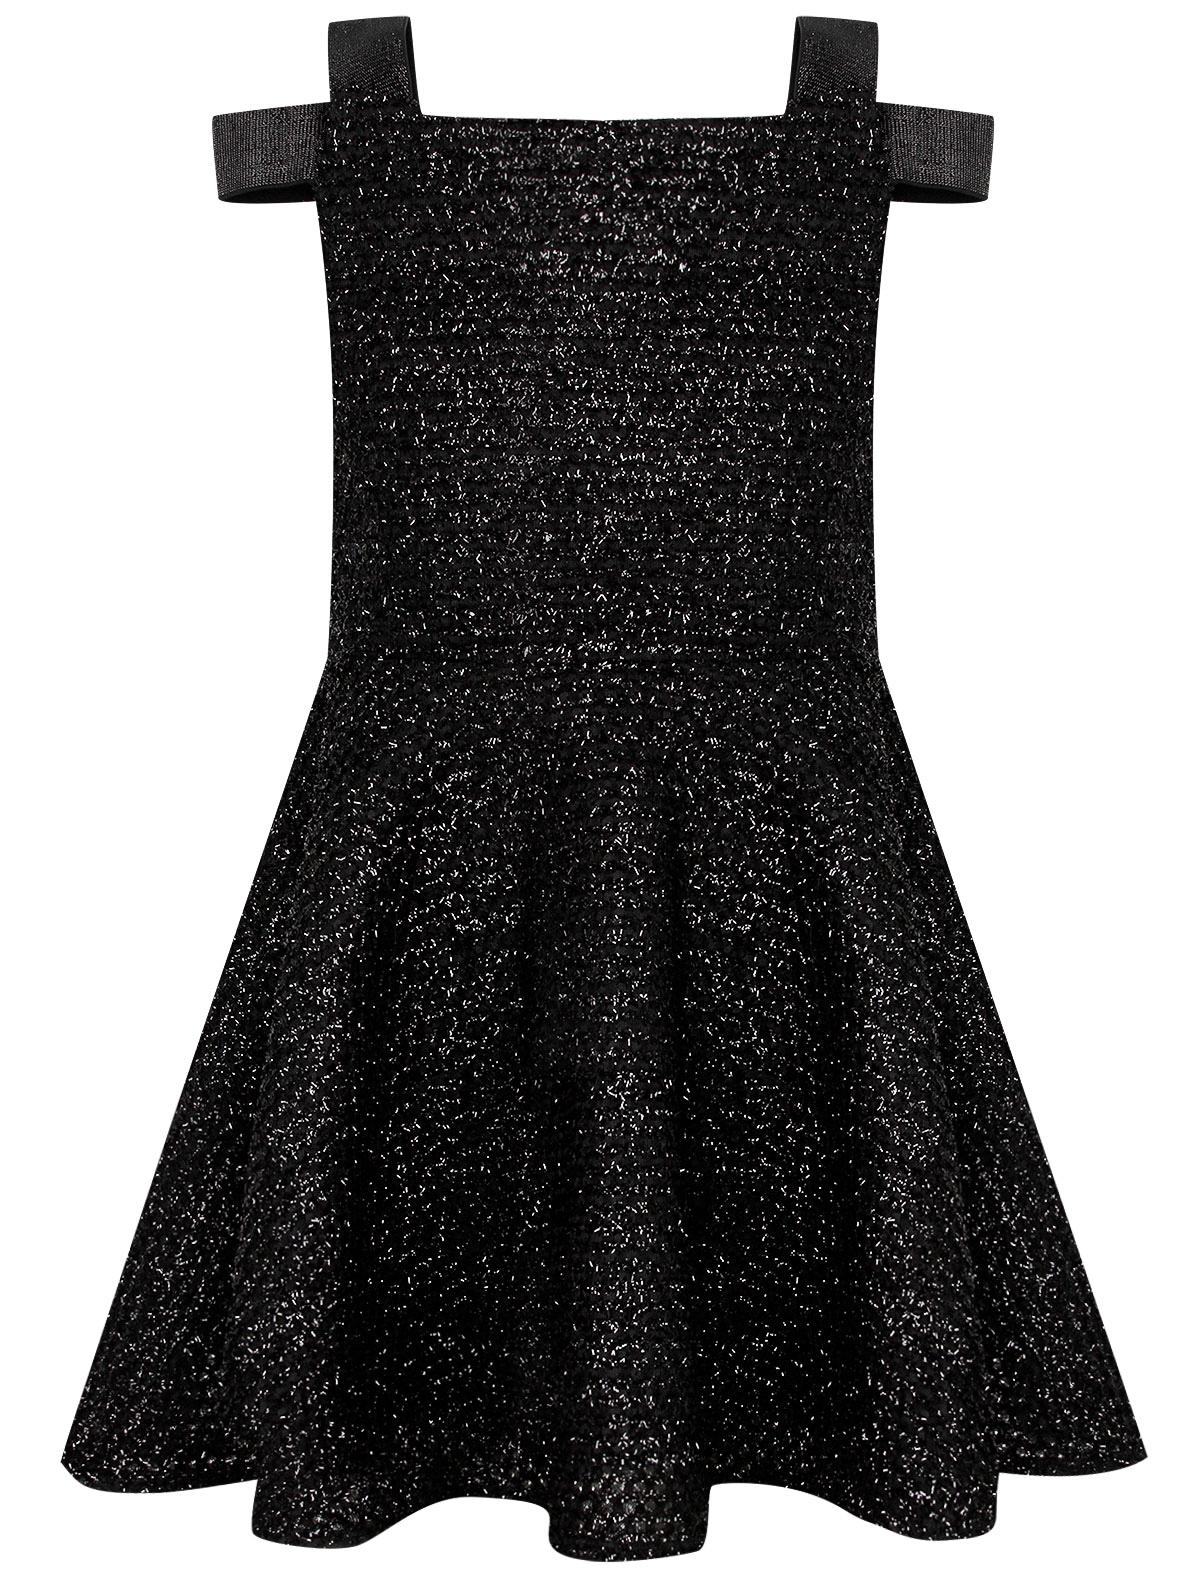 Купить 2203223, Платье David Charles, черный, Женский, 1054609071731